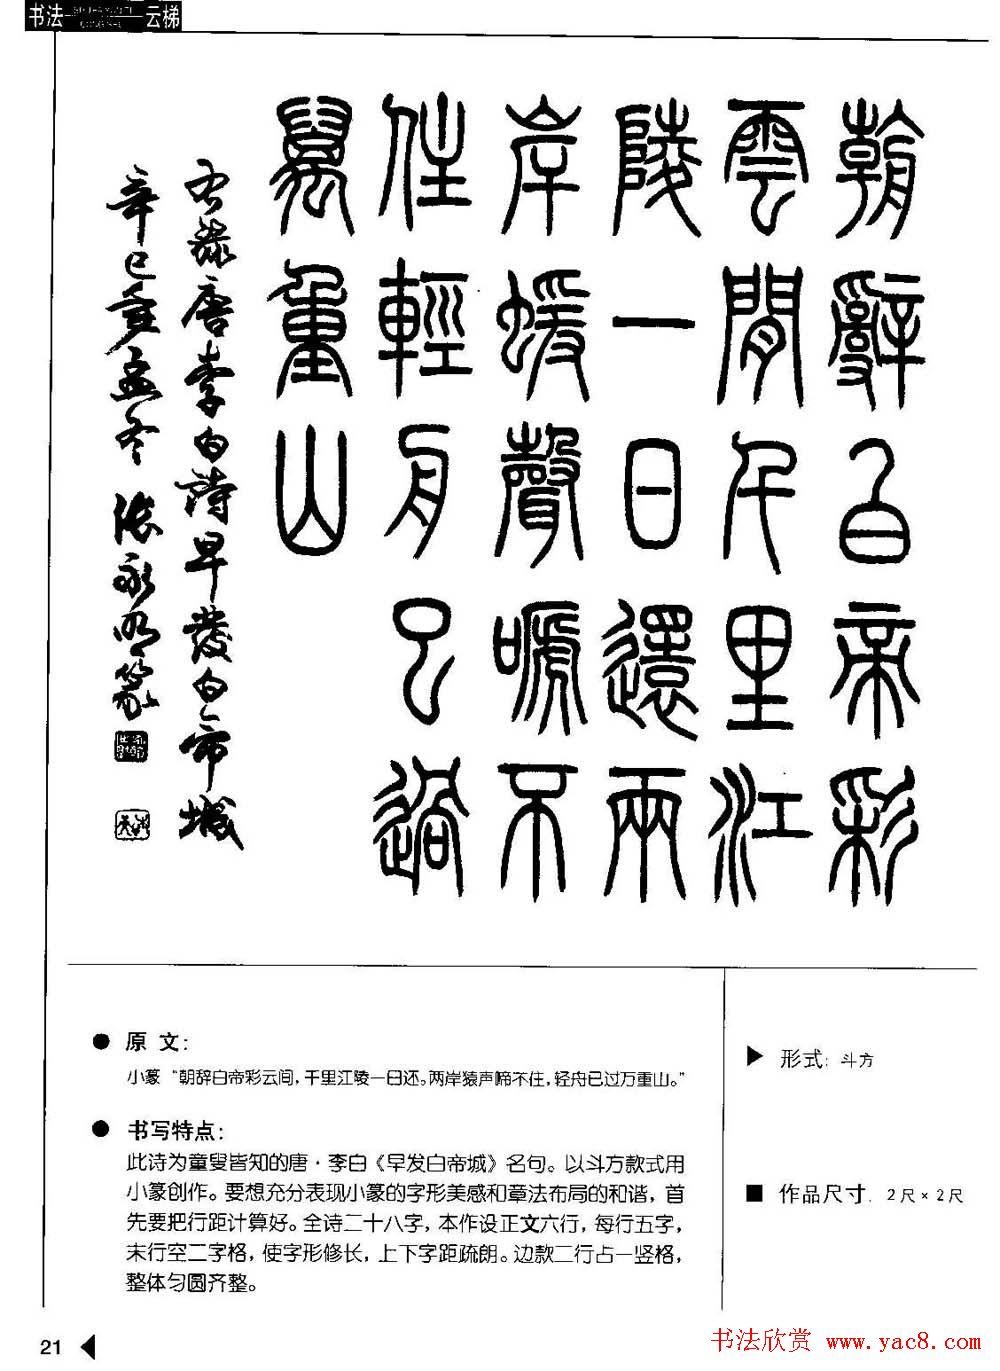 张永明篆书字帖 篆书诗词50例 第23页 篆书字帖 书法欣赏